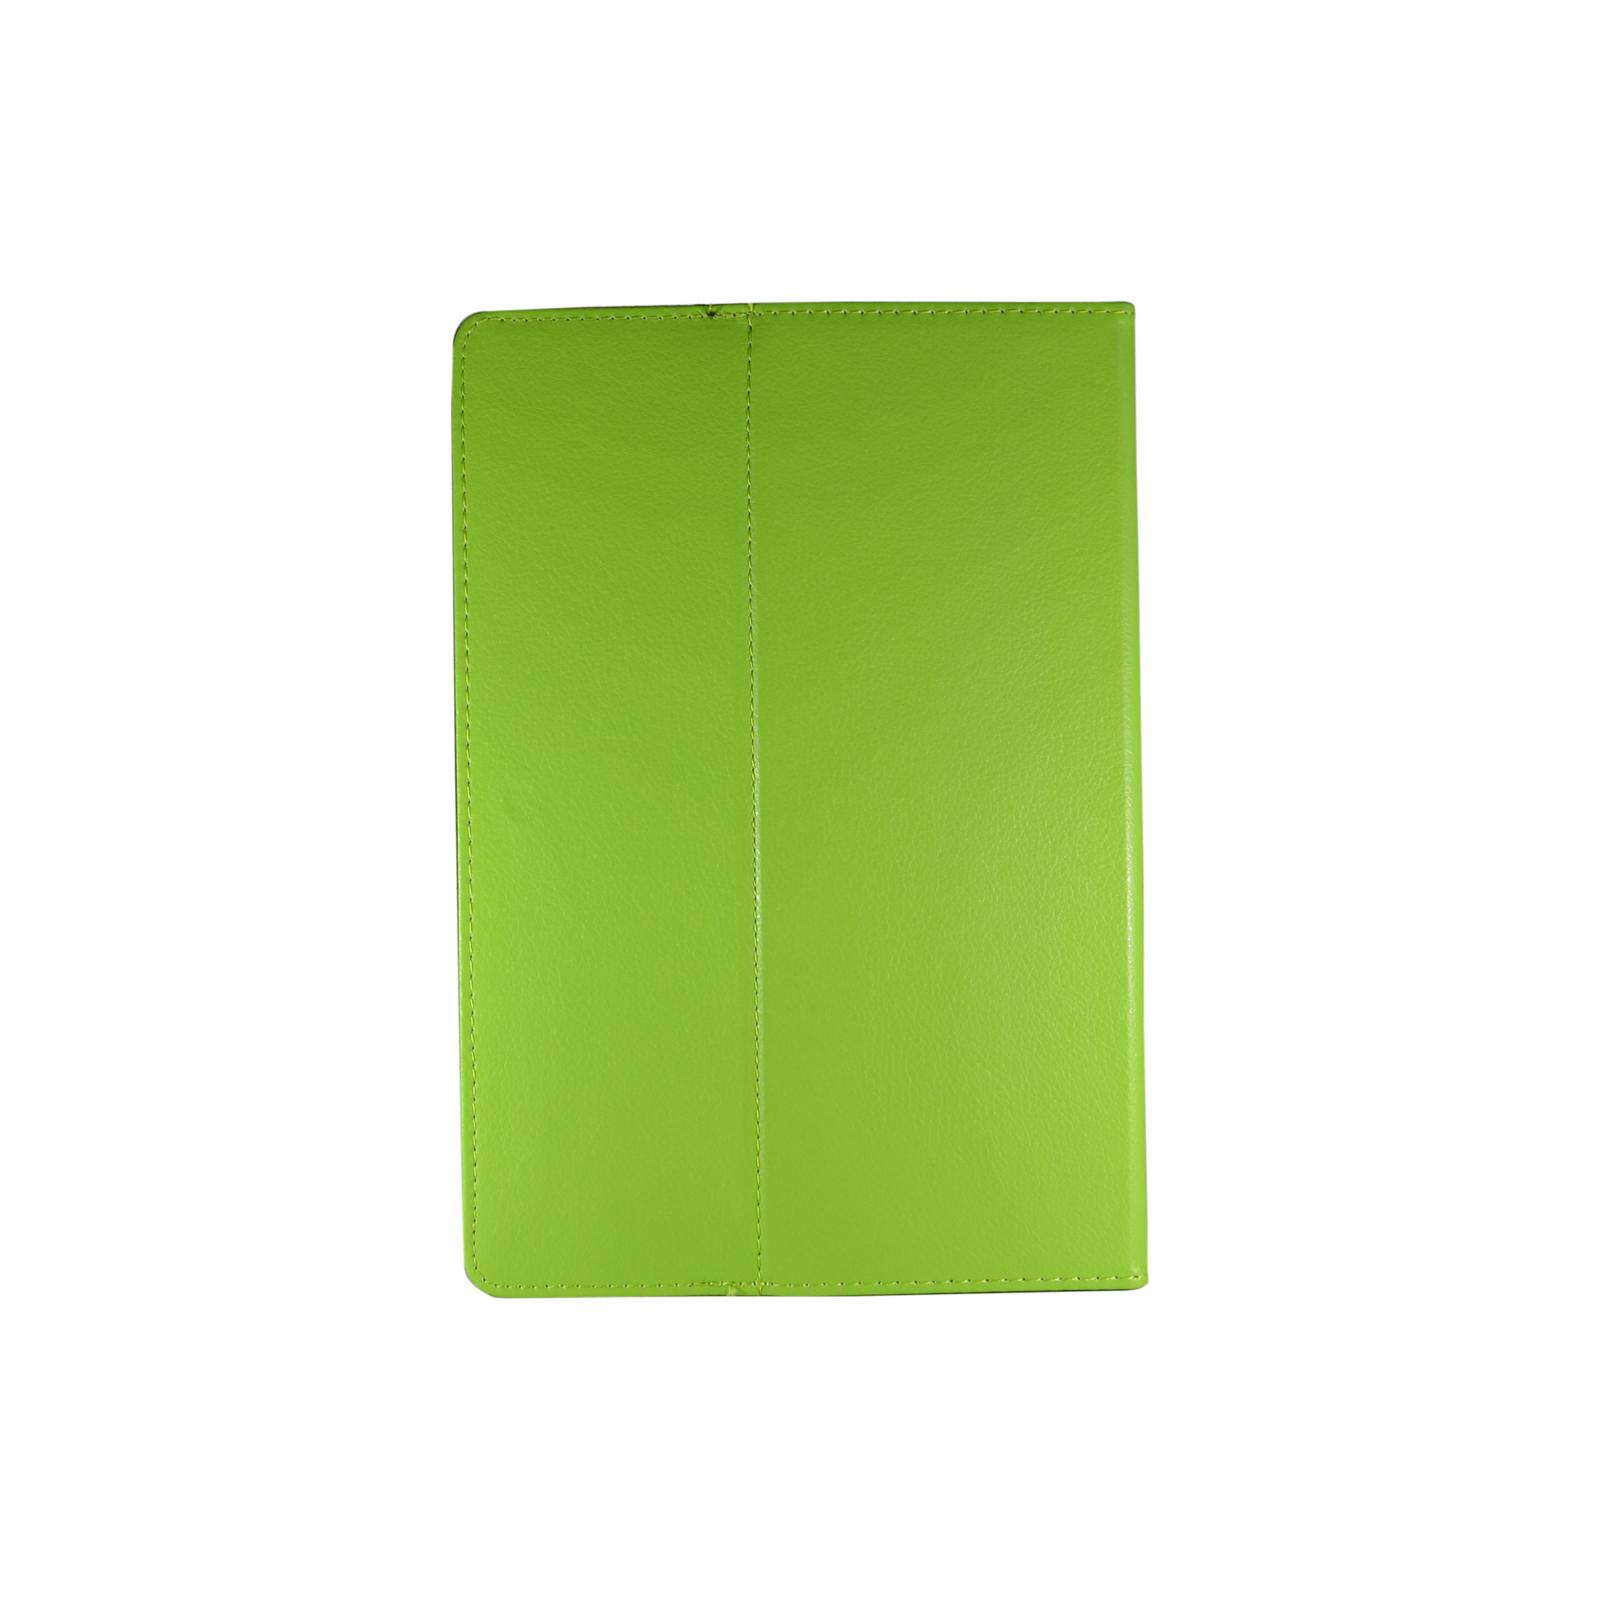 """Чехол для планшета Pro-case 10"""" универсальный case fits up red (UNS-022 gr) изображение 2"""